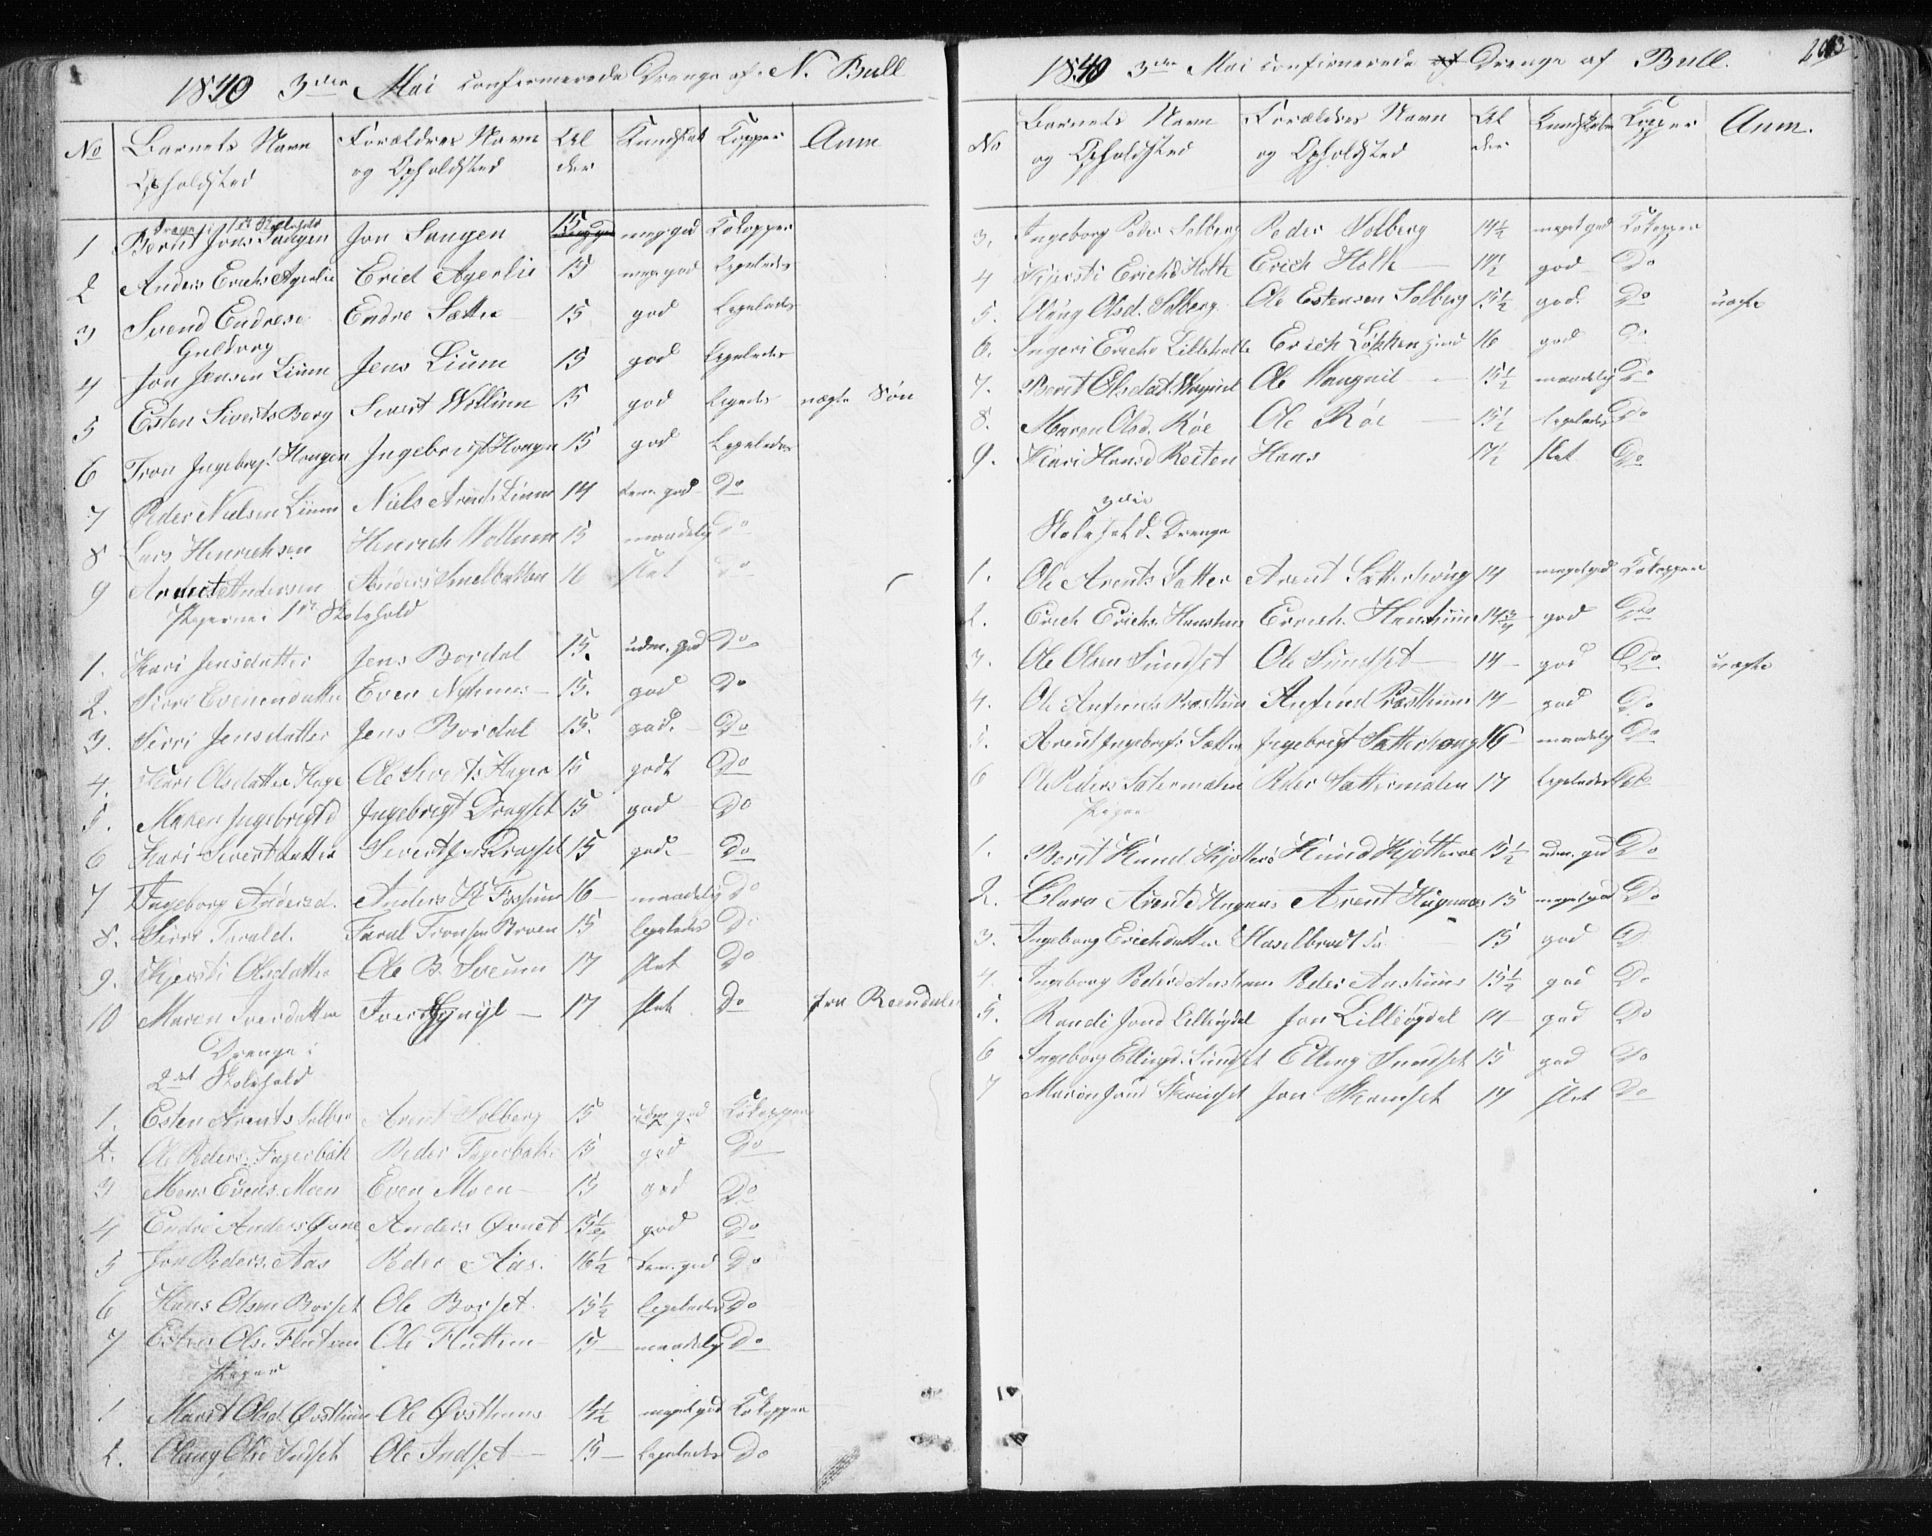 SAT, Ministerialprotokoller, klokkerbøker og fødselsregistre - Sør-Trøndelag, 689/L1043: Klokkerbok nr. 689C02, 1816-1892, s. 263